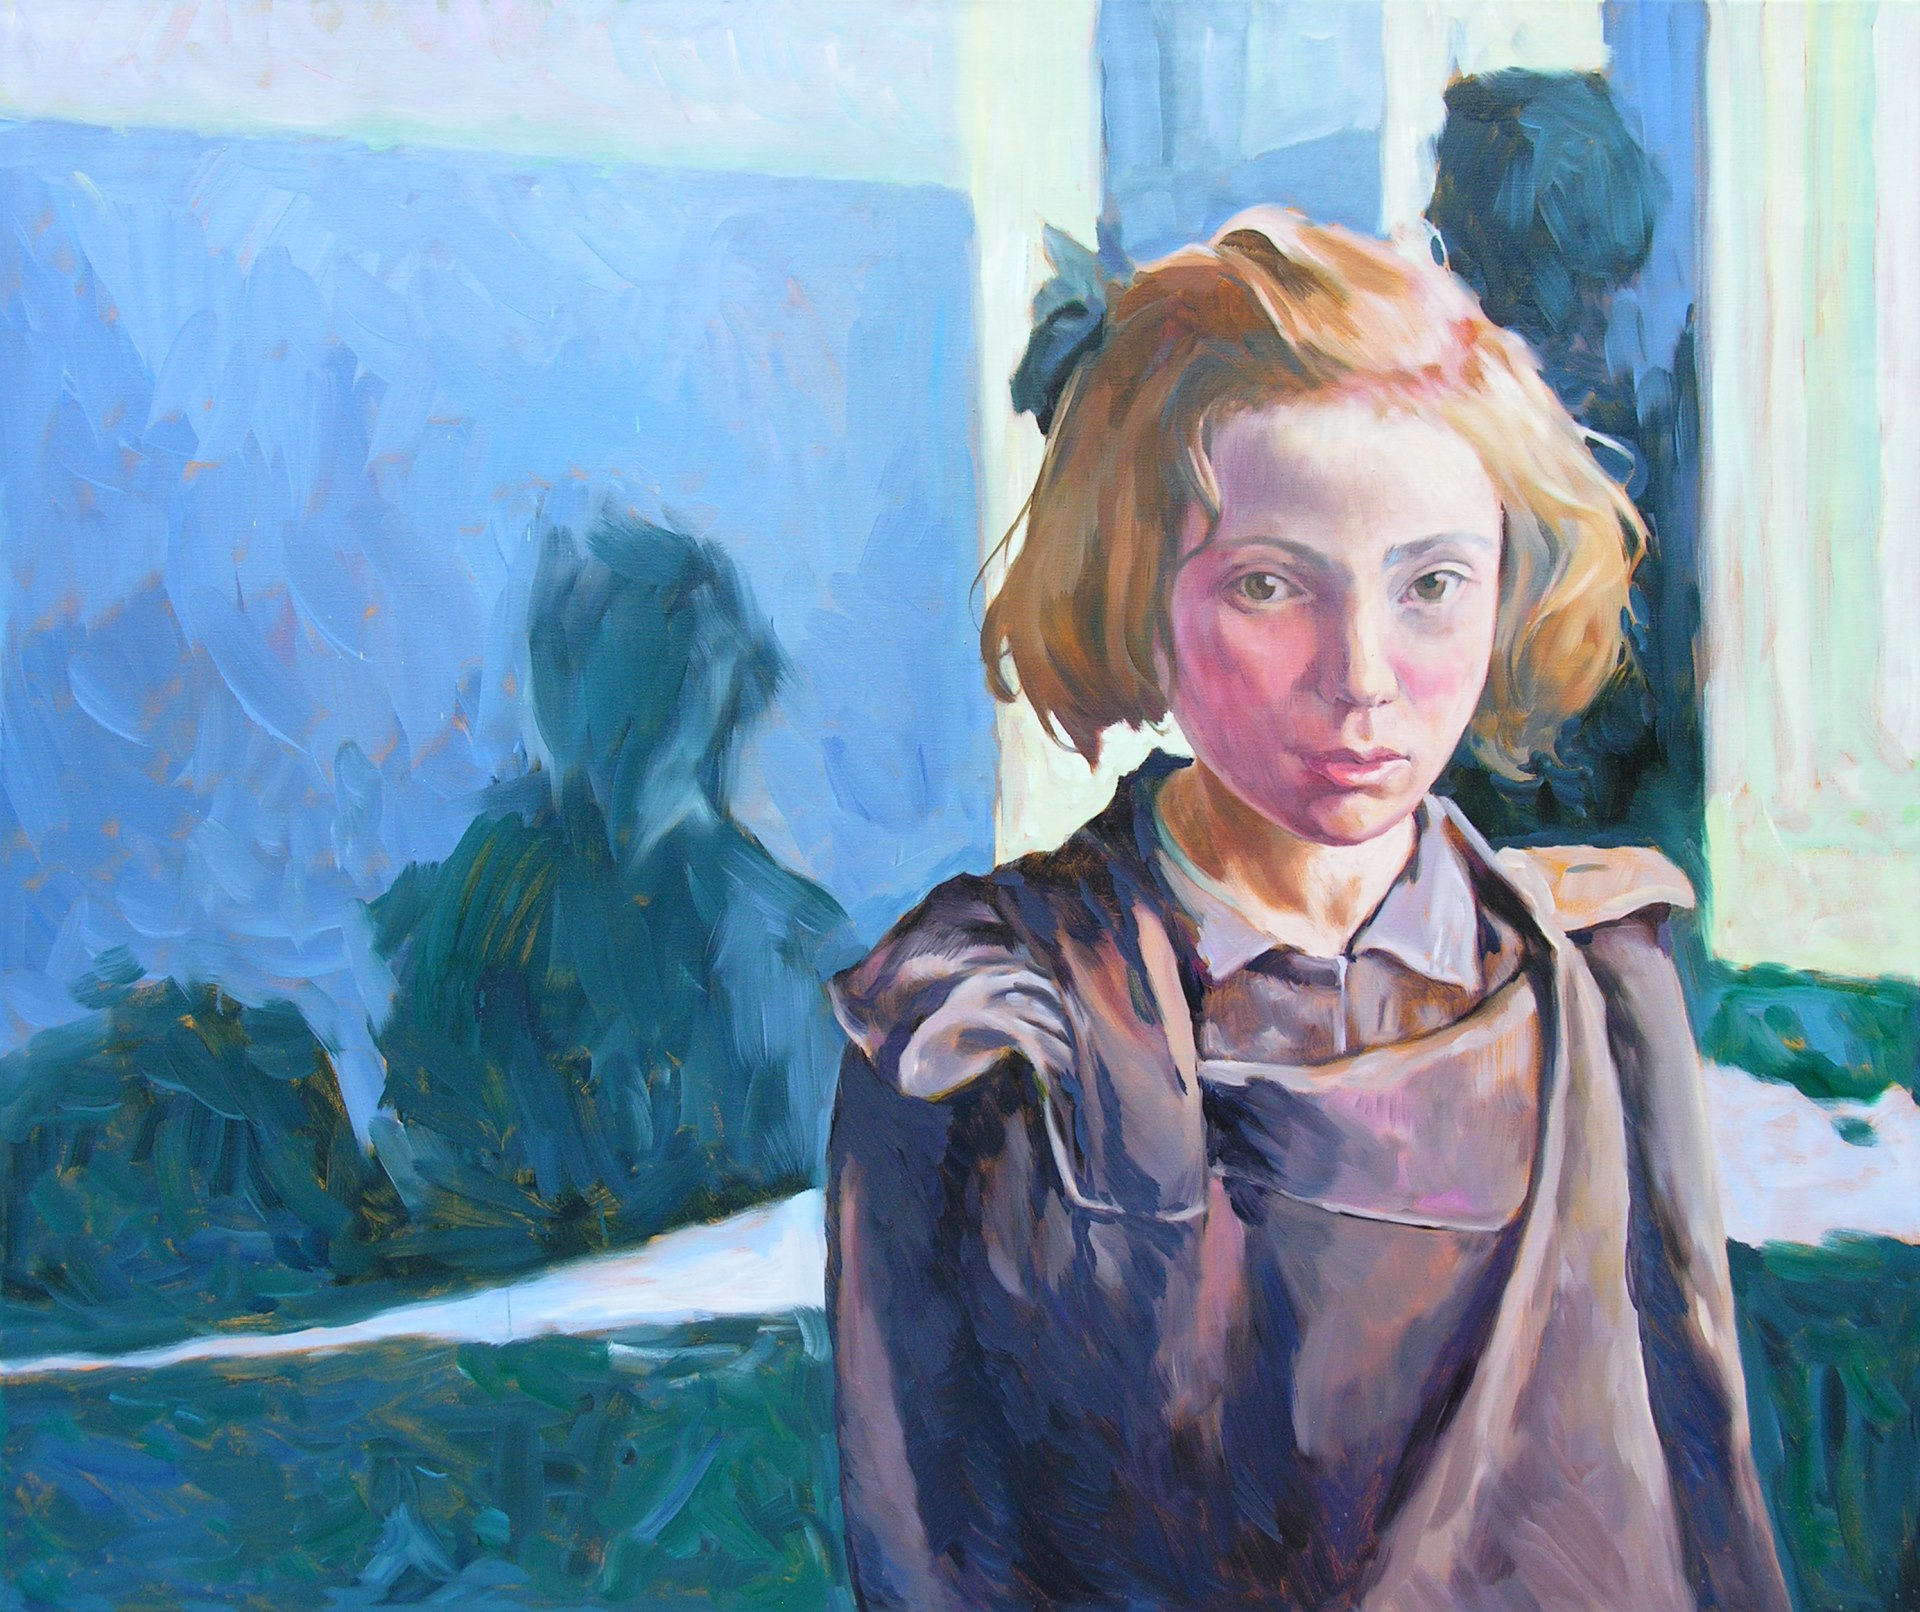 Gemälde von Julia Belot: Schulmädchen, Öl auf Leinwand, 100 cm x 120 cm, 2010